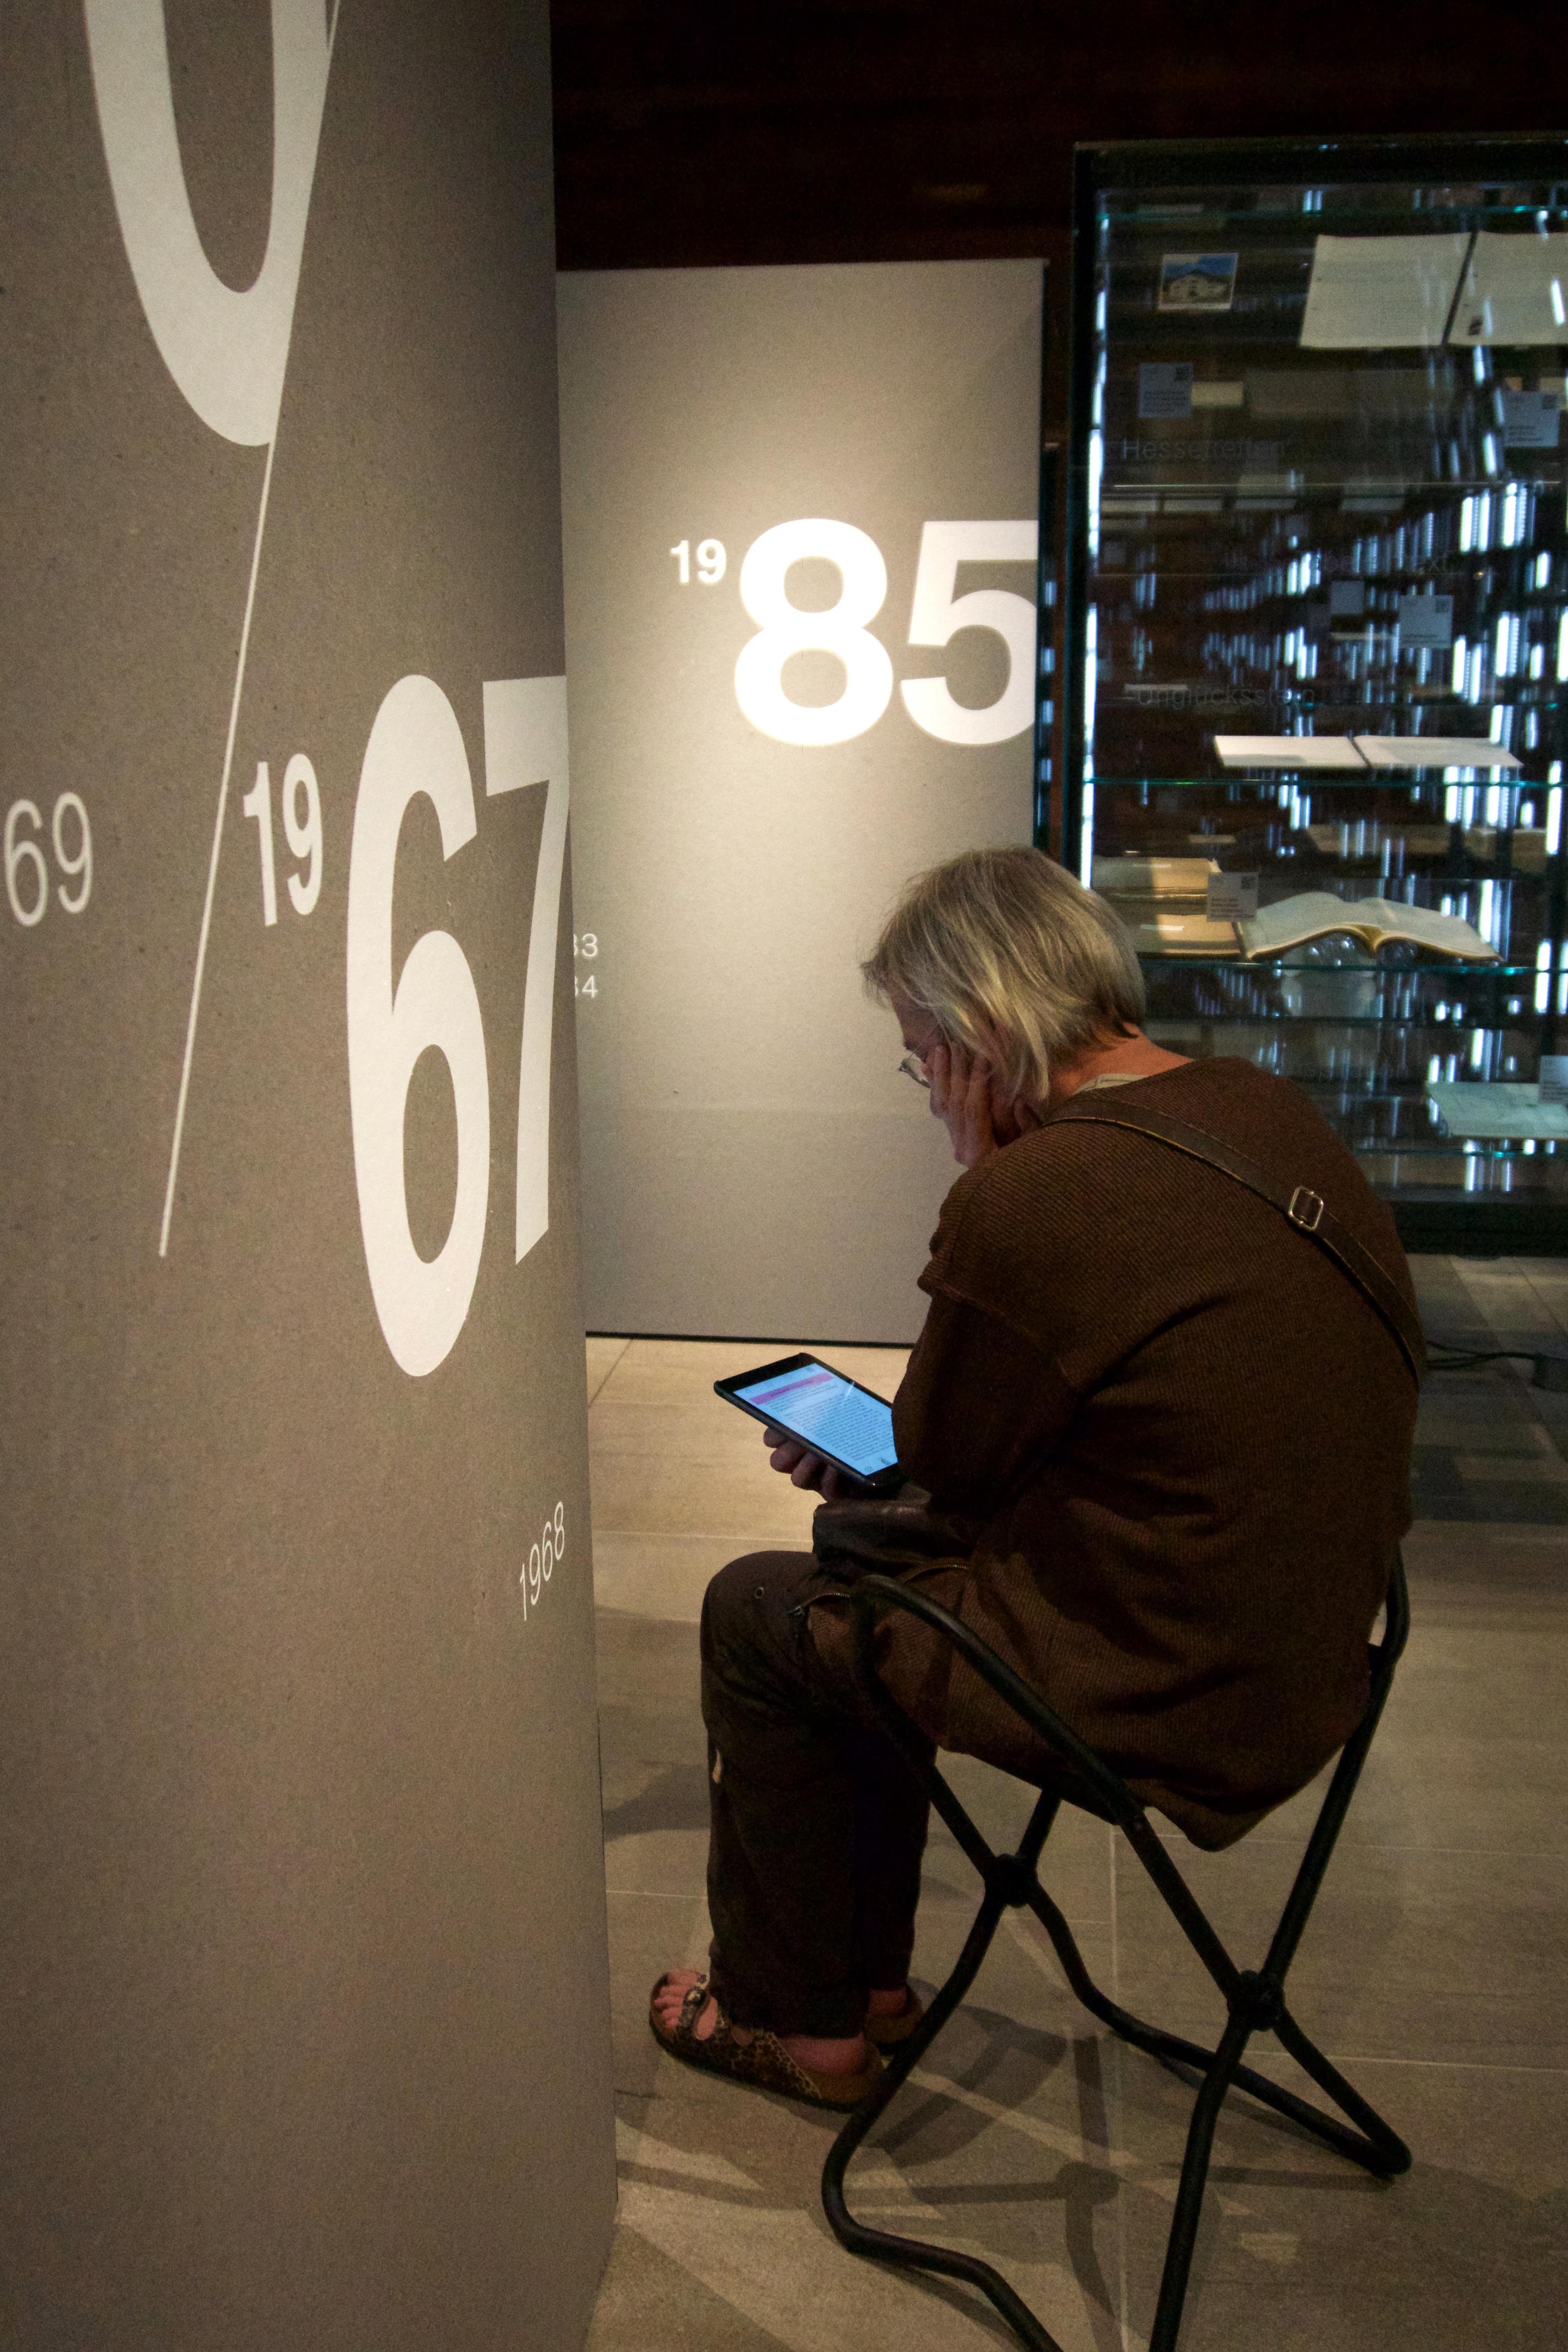 Demirag-Architekten-Literatur-Museum-Moderne-Marbach-Ausstellung-Seele-Eröffnung-07.jpg